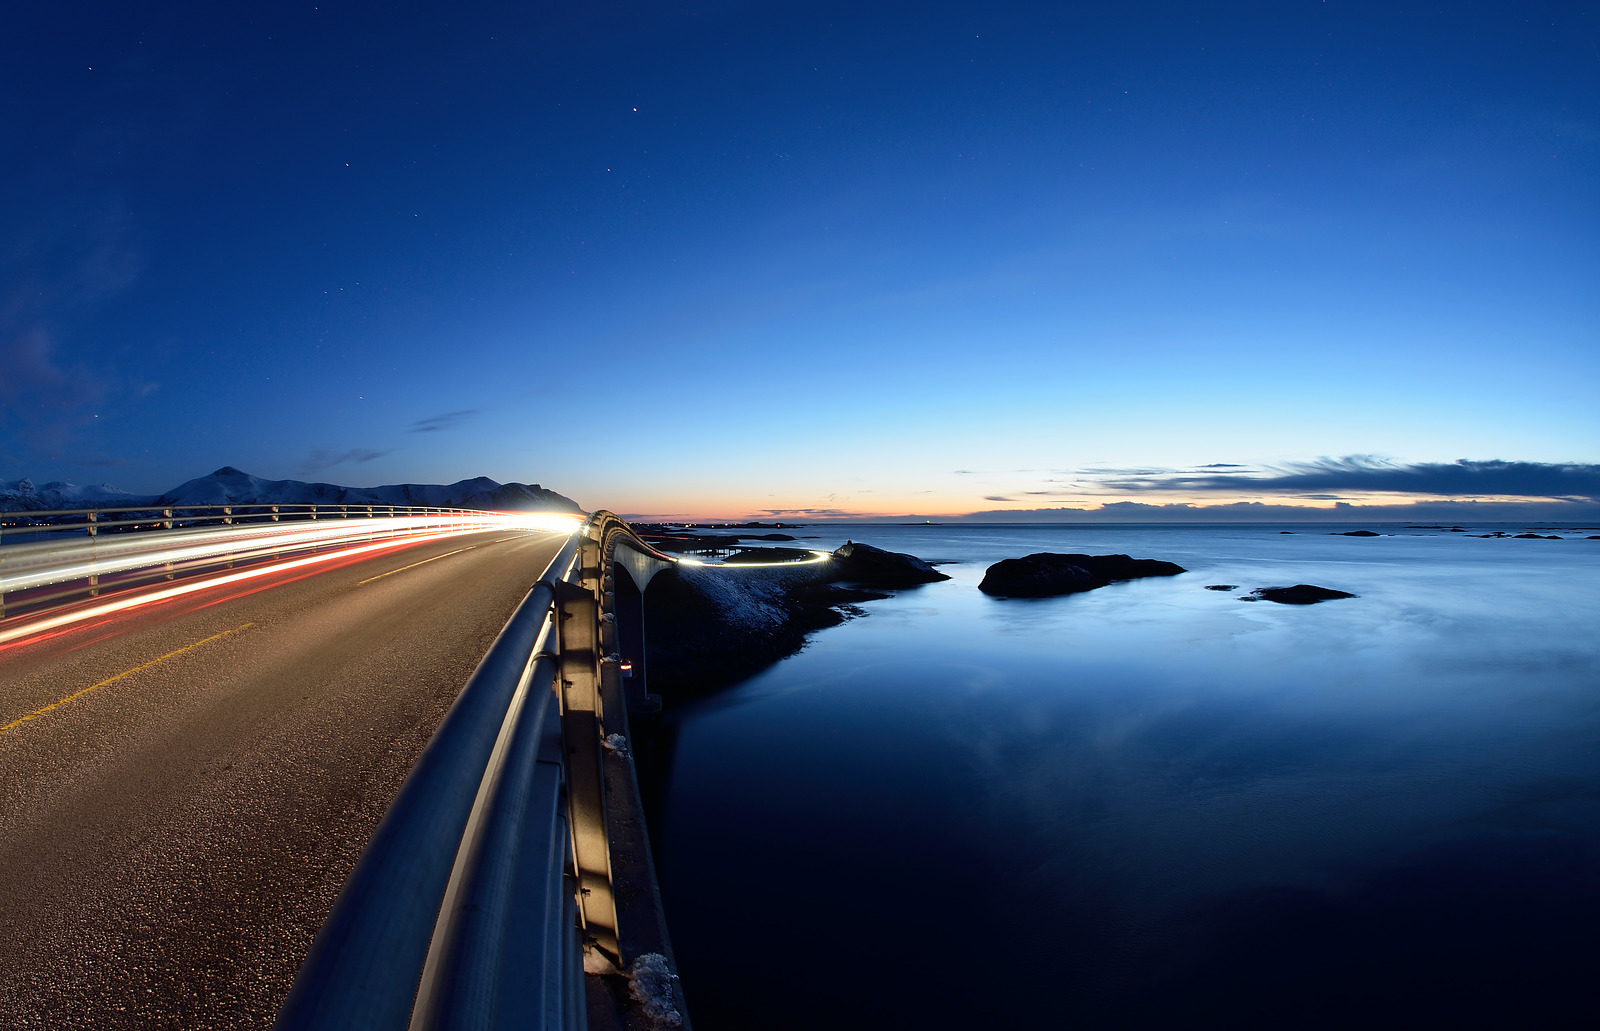 Atlantic Road - Atlanterhavsvegen, March 30th. Photo by Kjetil Schjolberg,Statens Vegvesen.